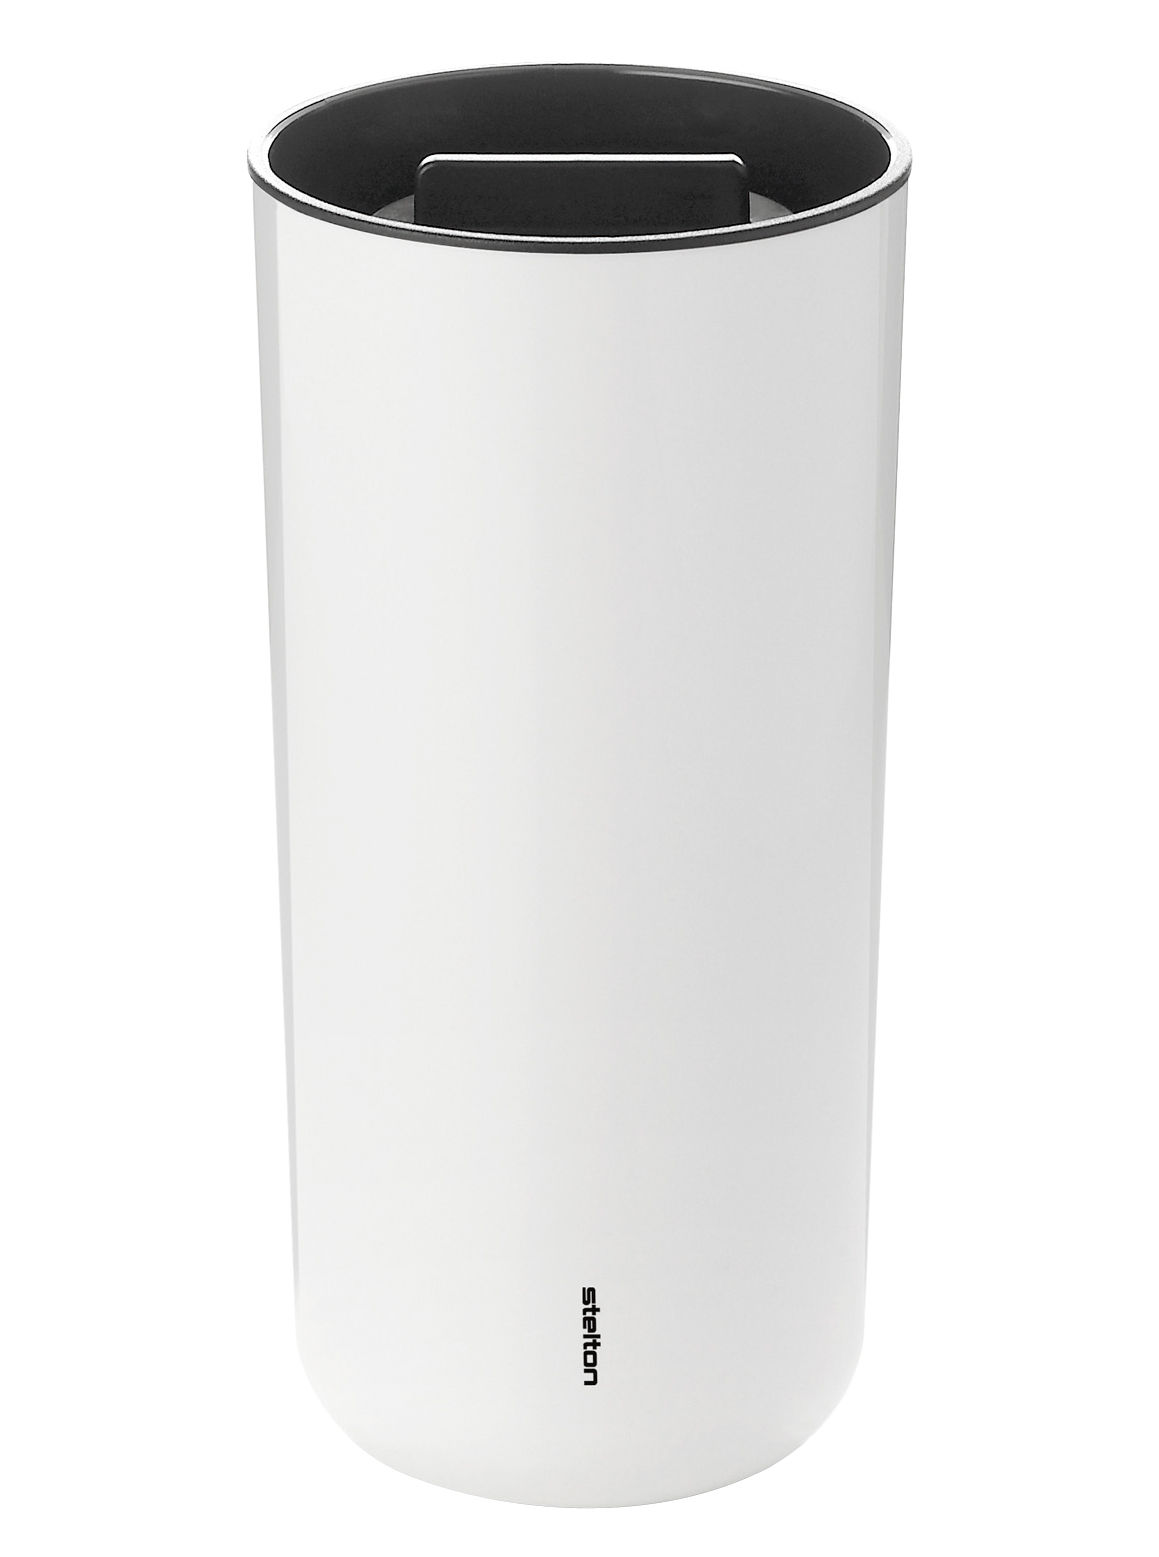 Arts de la table - Tasses et mugs - Mug isotherme To Go 2.0 / Couvercle - 40 cl - Stelton - Blanc - Plastique ABS